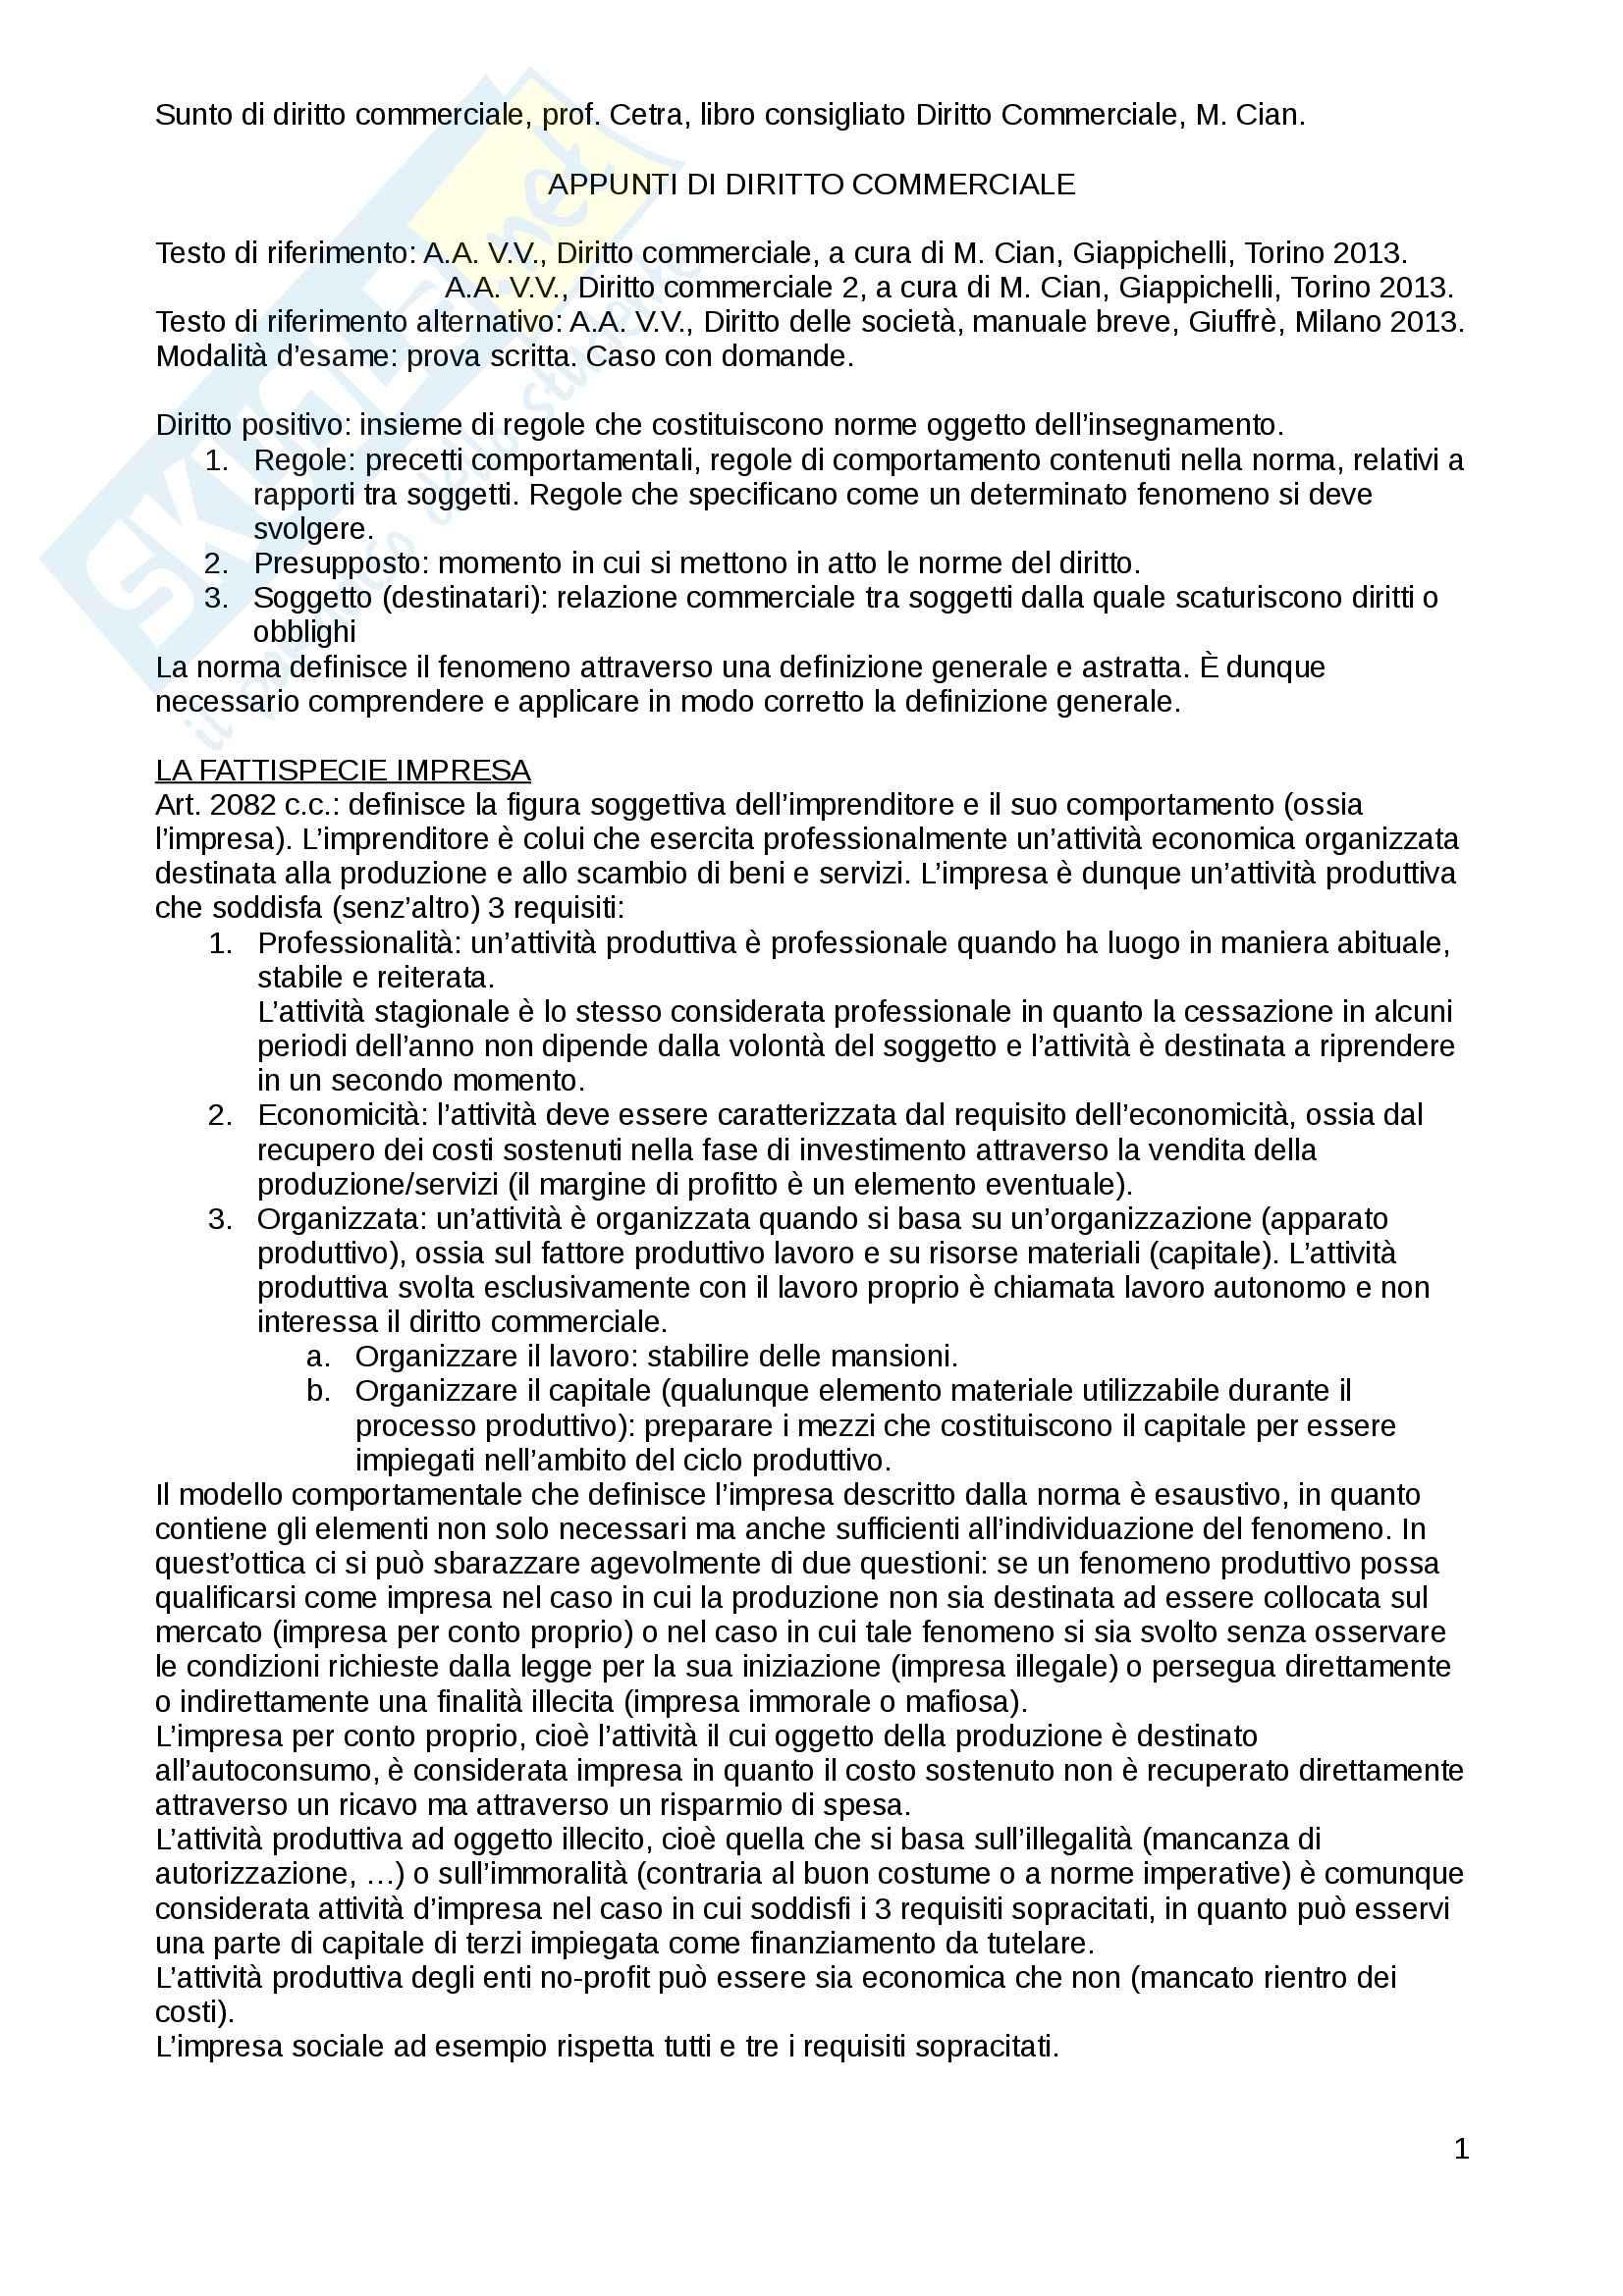 Riassunto esame diritto commerciale, prof. Cetra, libro consigliato Diritto Commerciale, Cian